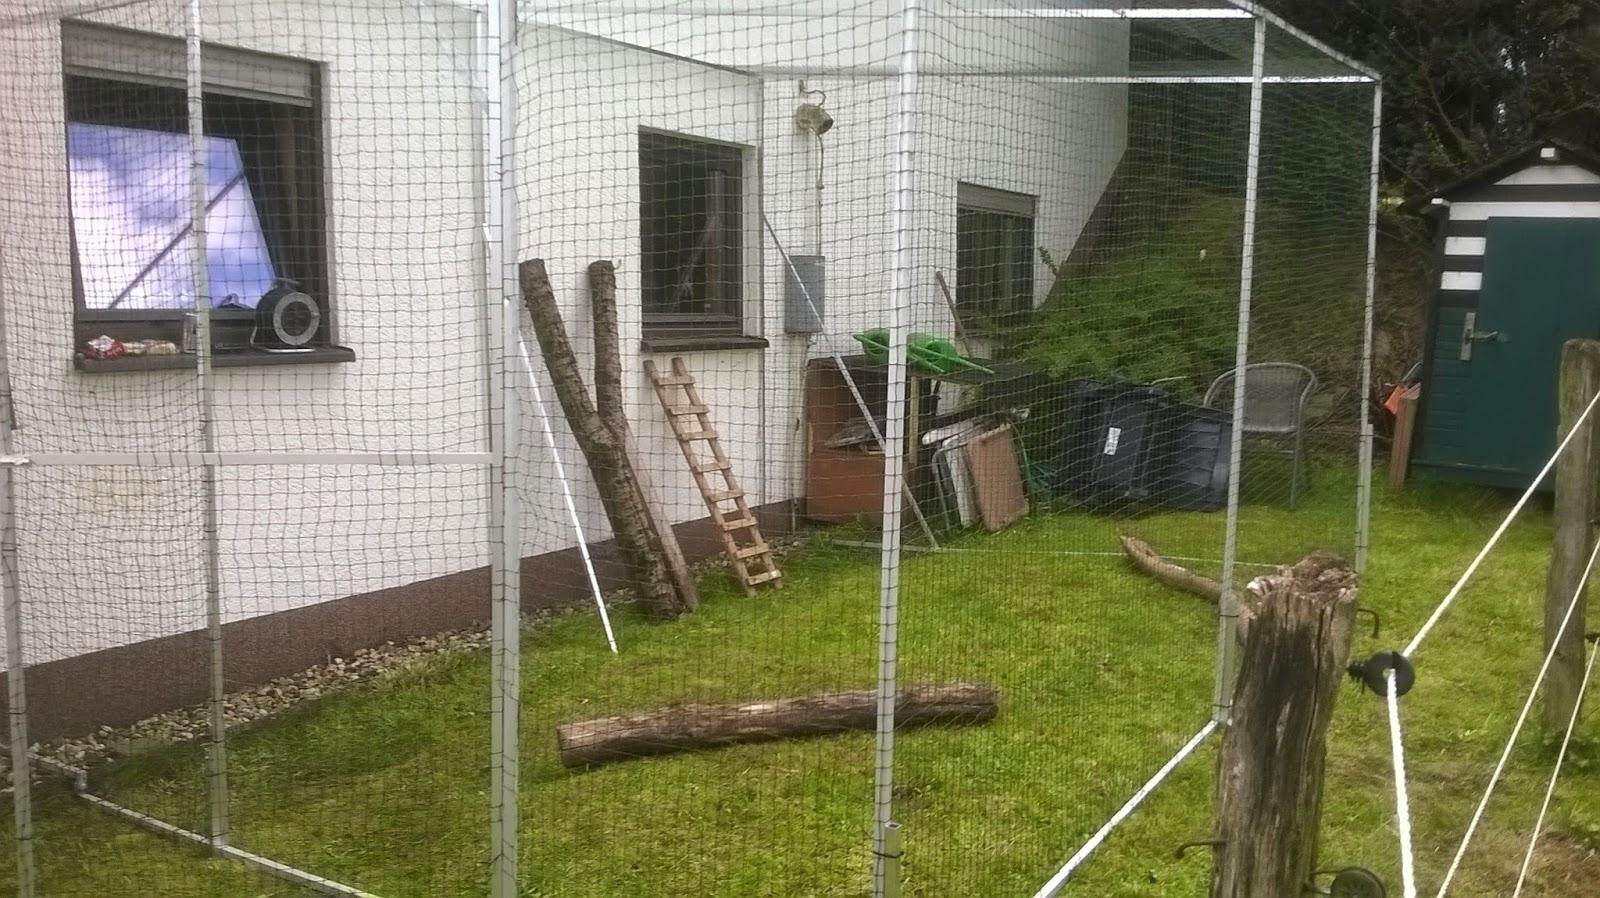 katzennetz nrw die adresse f r ein katzennetz freistehendes katzengehege mit katzennetz ohne bohren. Black Bedroom Furniture Sets. Home Design Ideas